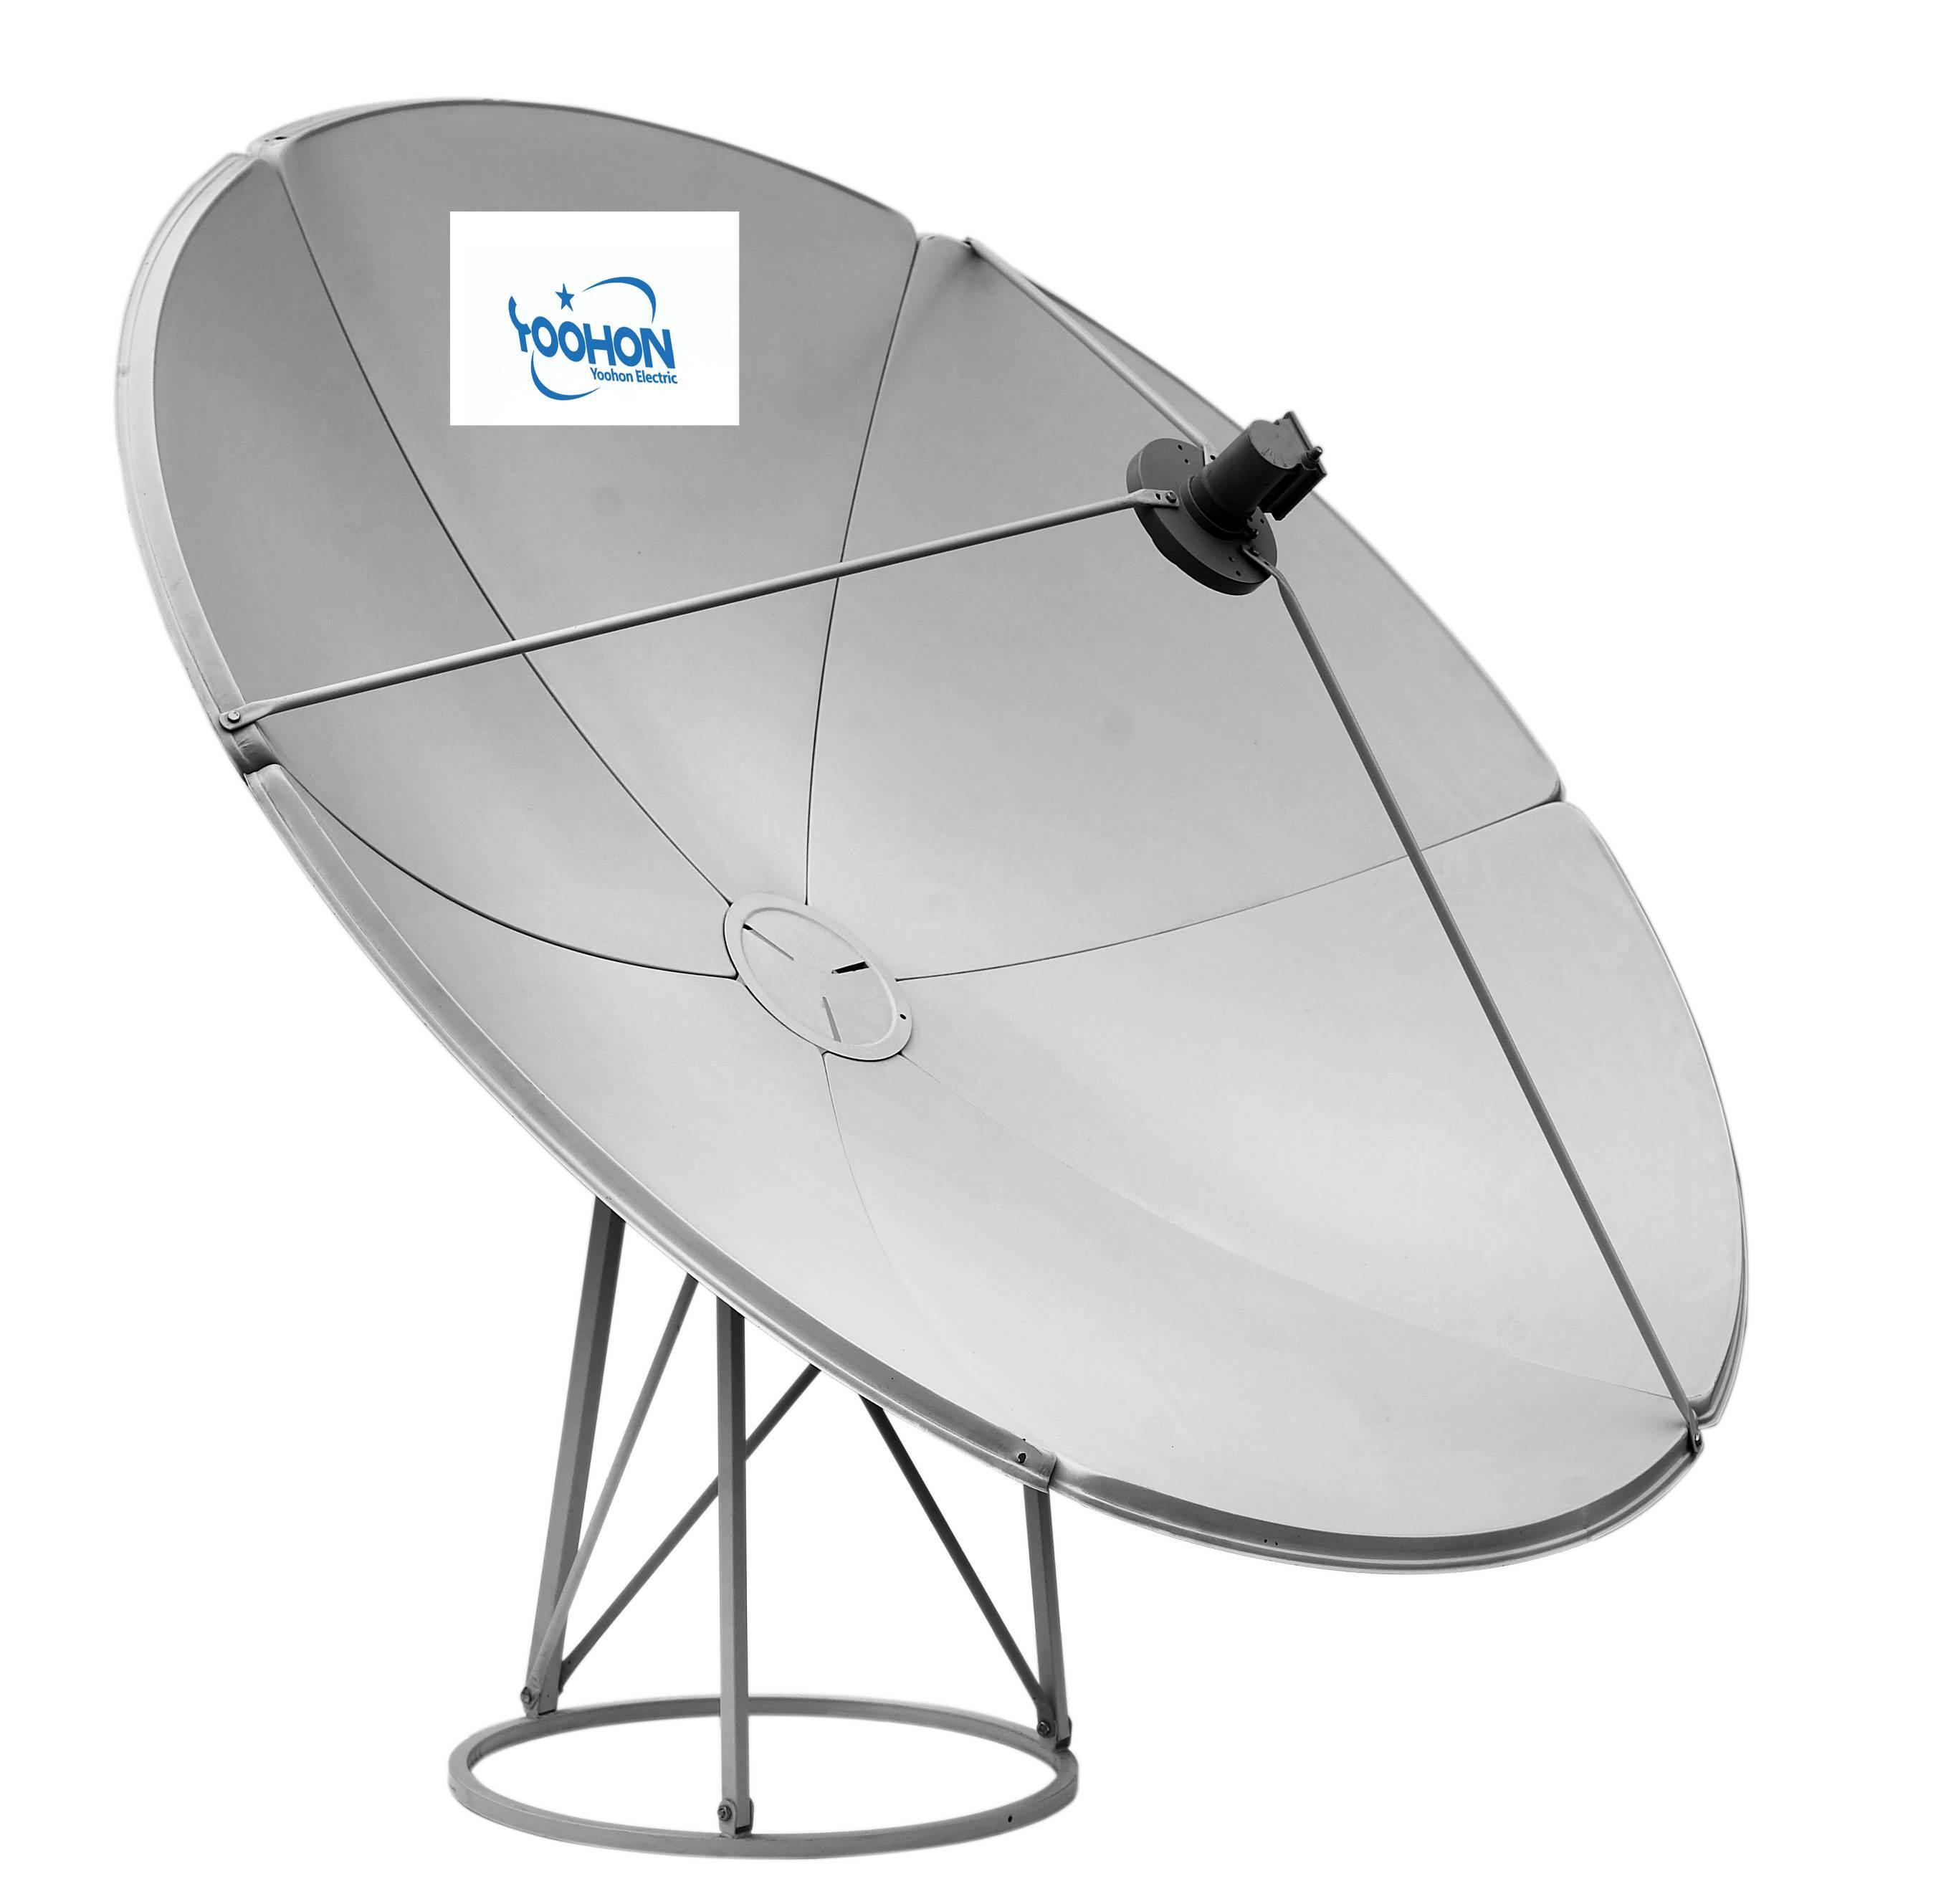 china 2 4m satellite dish antenna ku band china 2 4m satellite